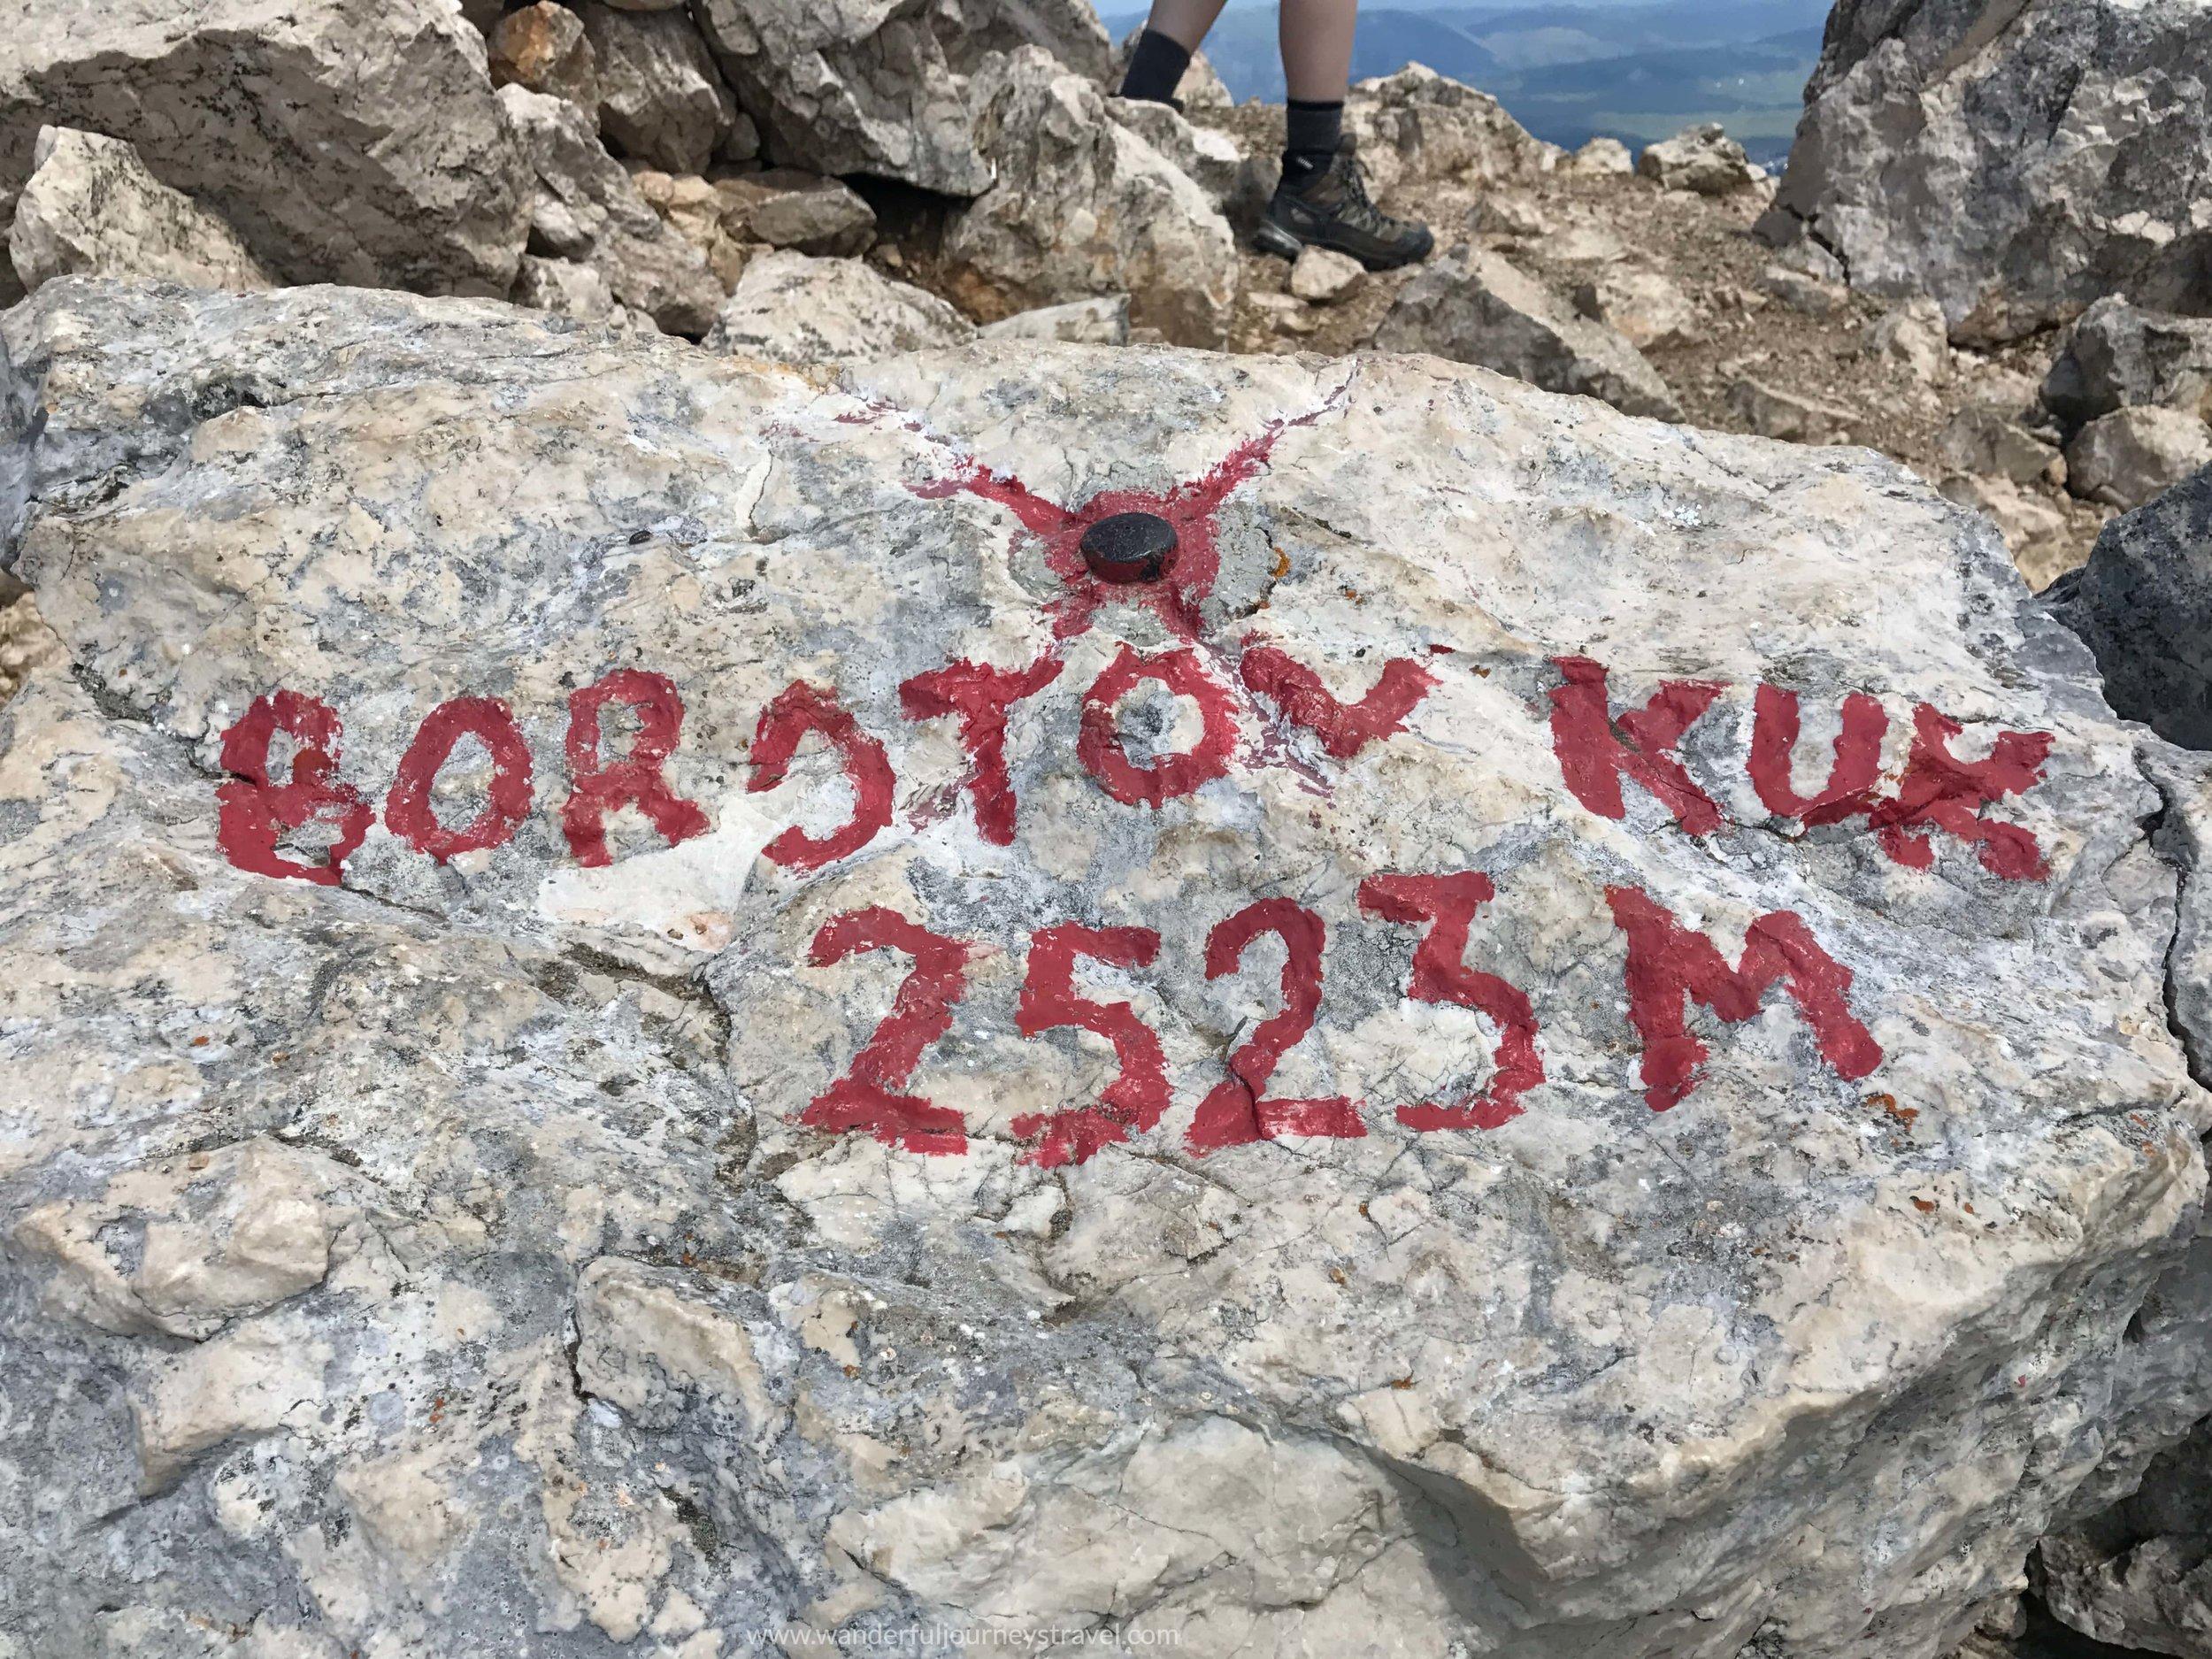 summit-bobotov-kuk-rock-sign-montenegro.JPG